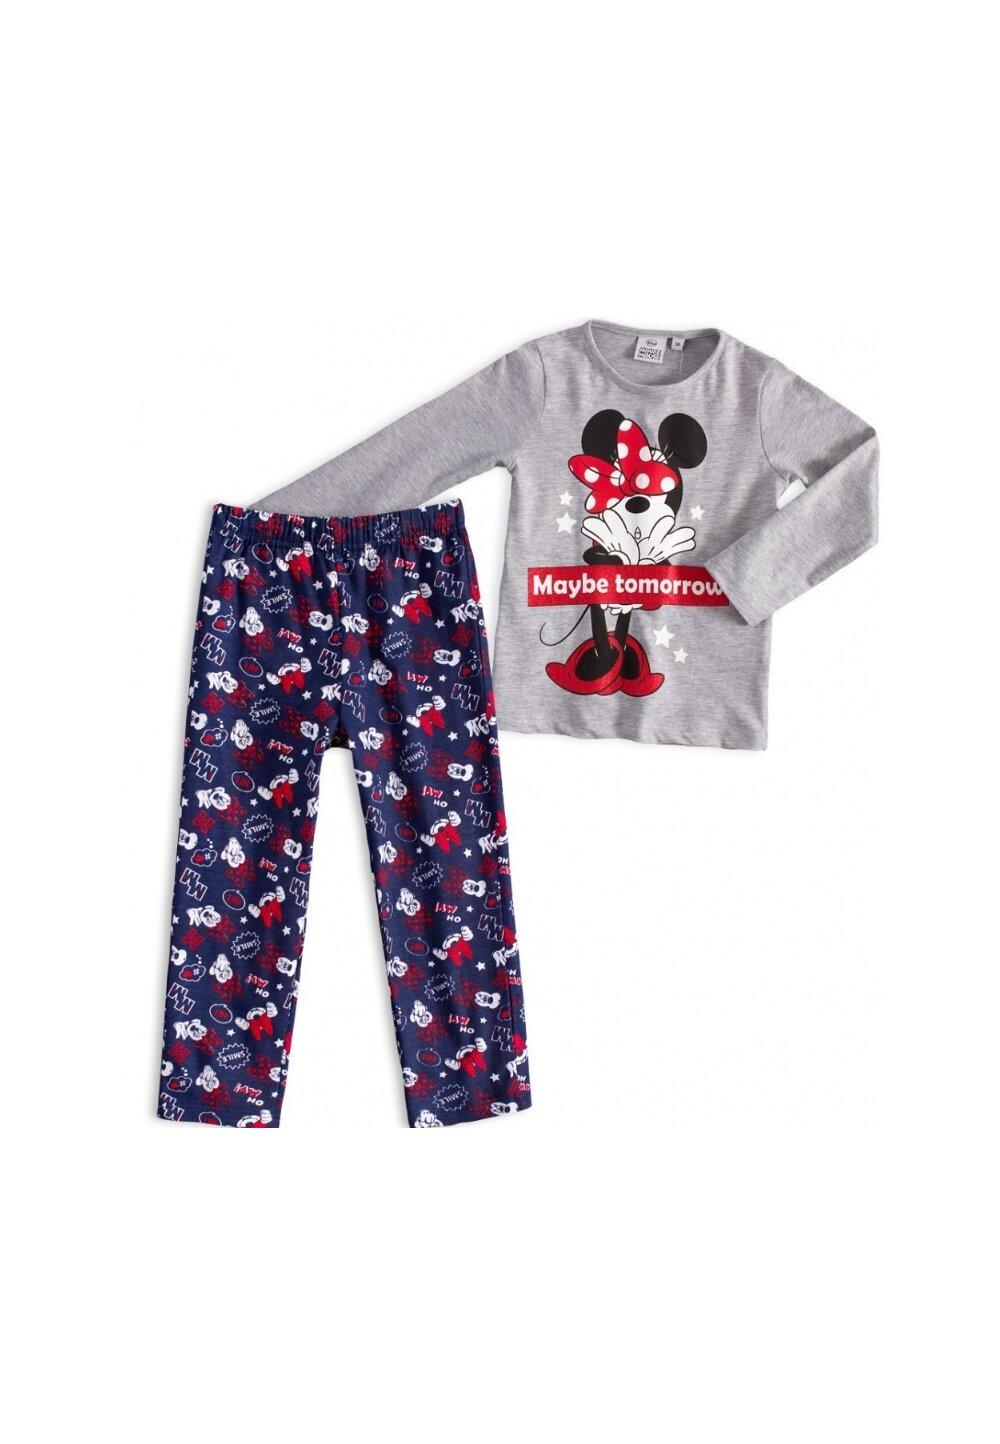 Pijama, maneca lunga, Maybe tomorrow, gri imagine